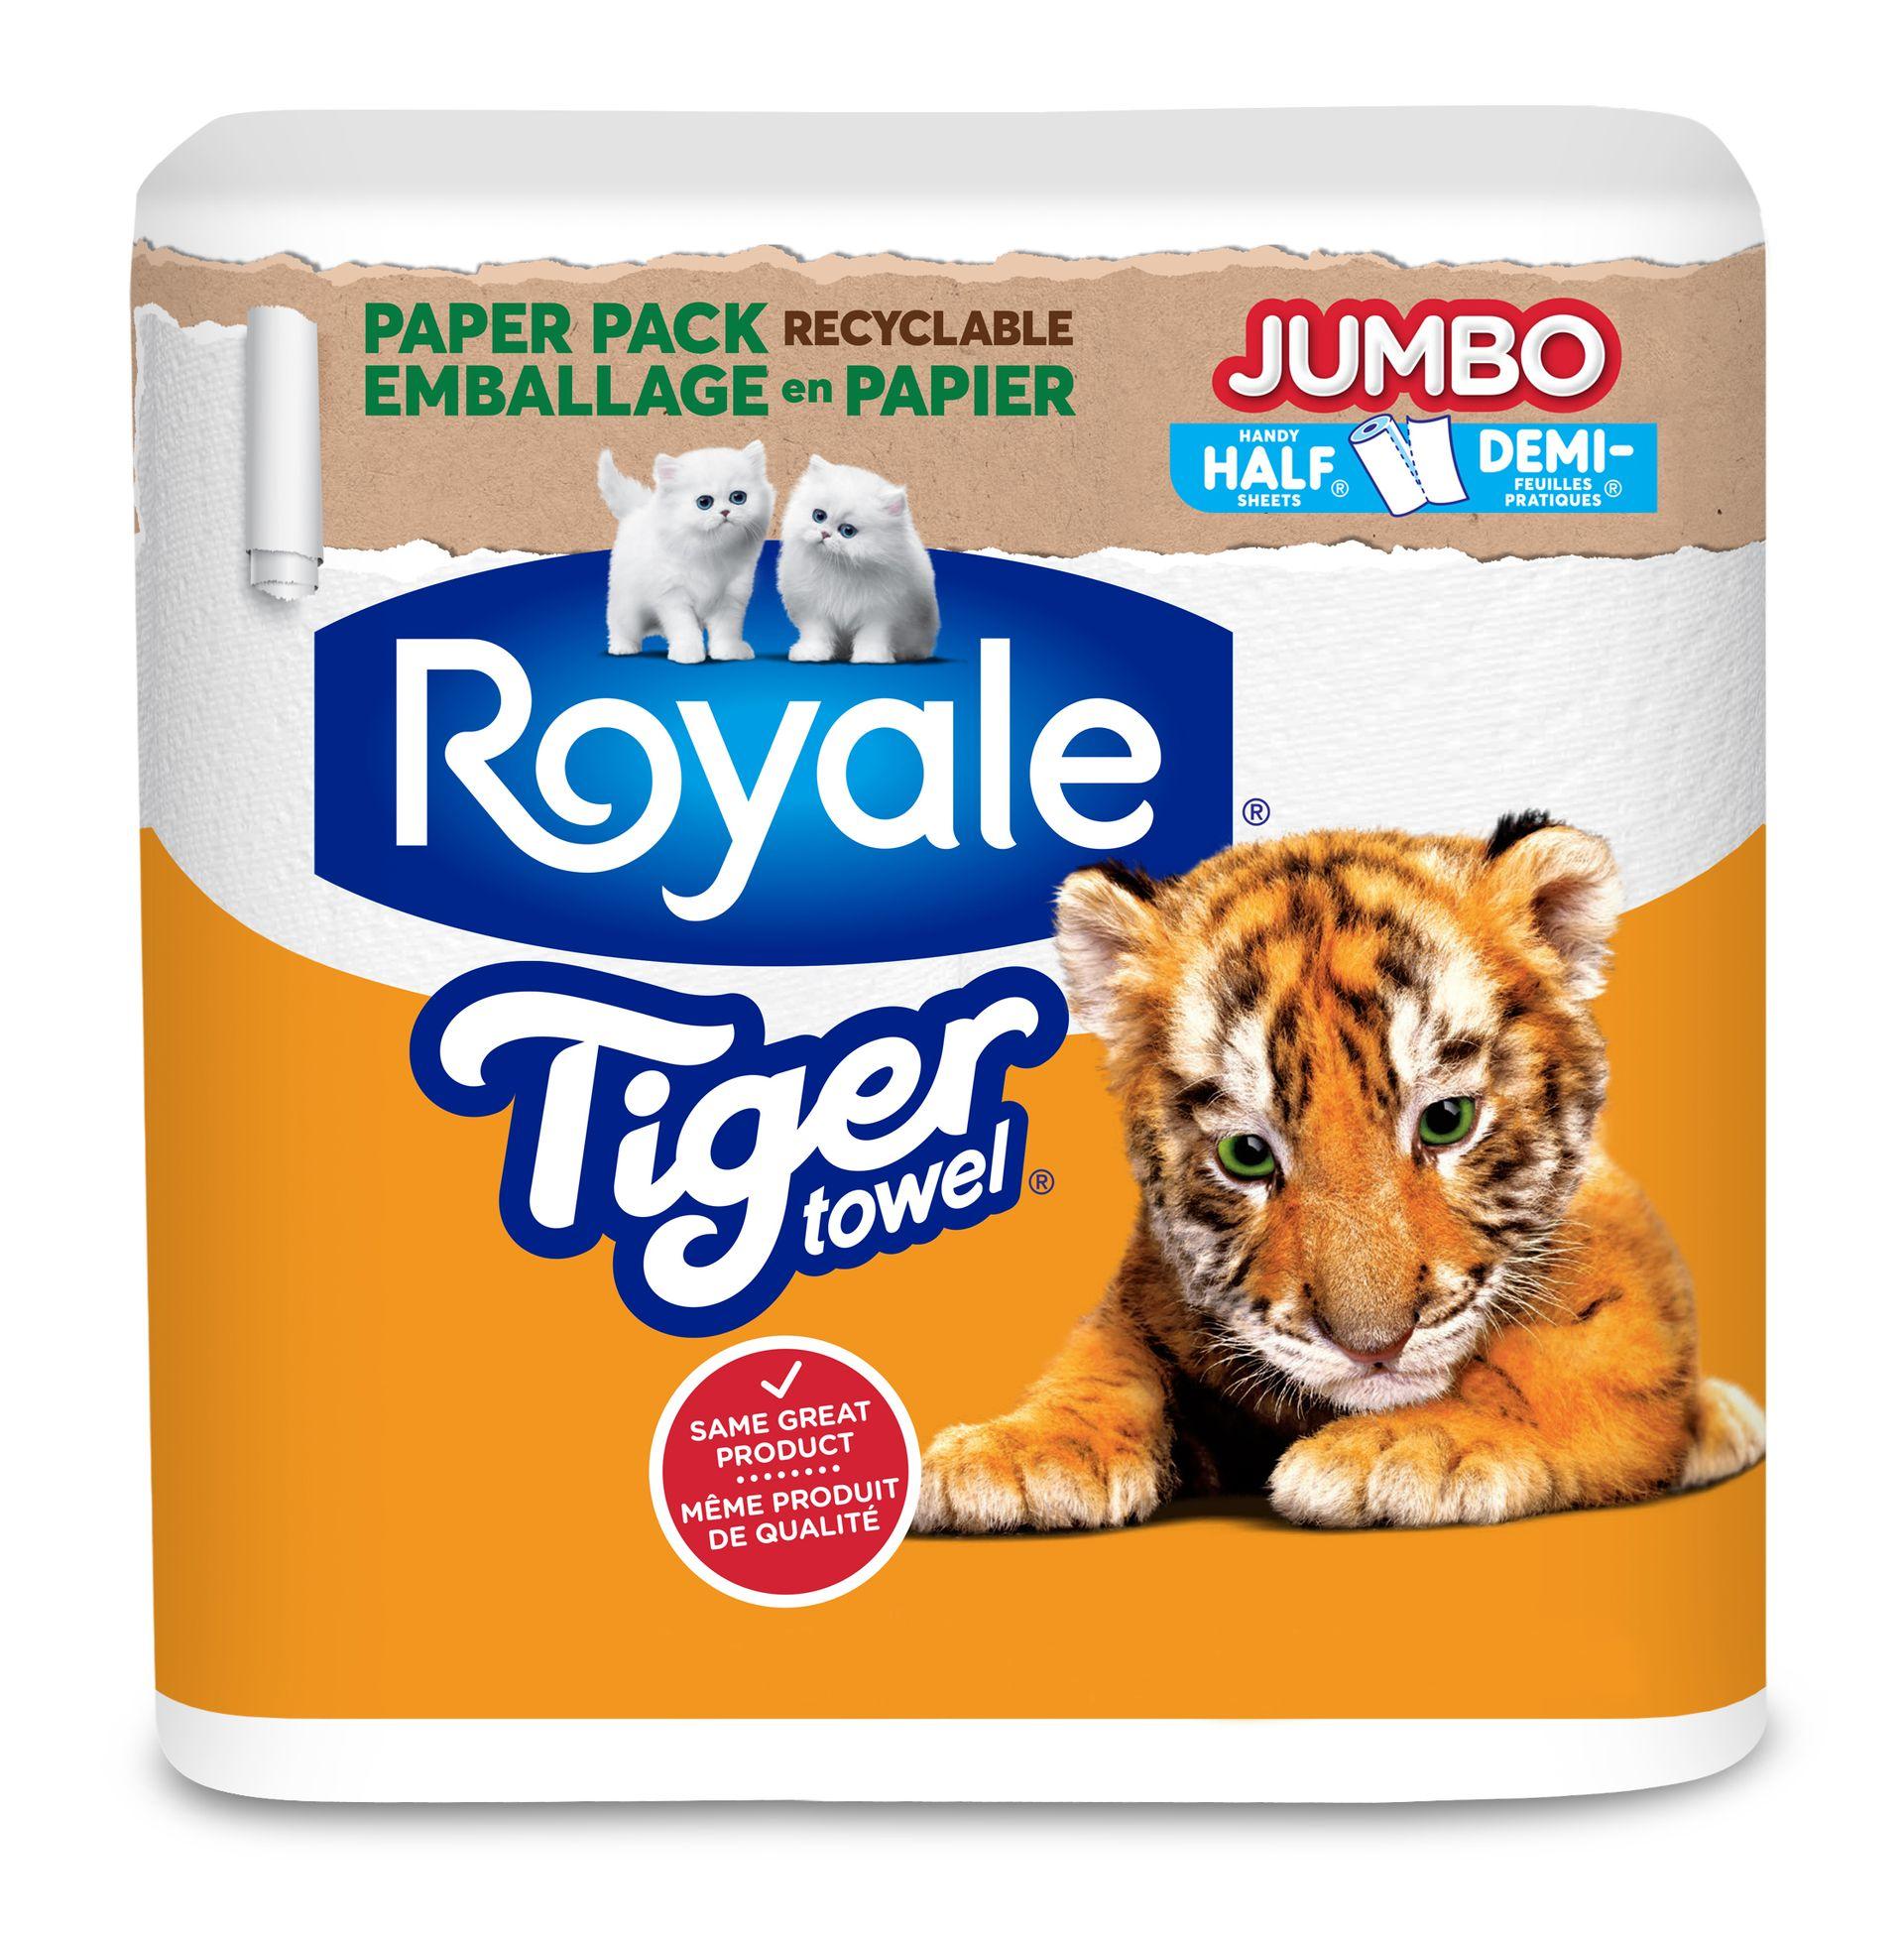 Emballage en papier ROYALE® Tiger Towel® en rouleaux Jumbo de Demi-feuilles pratiques pack